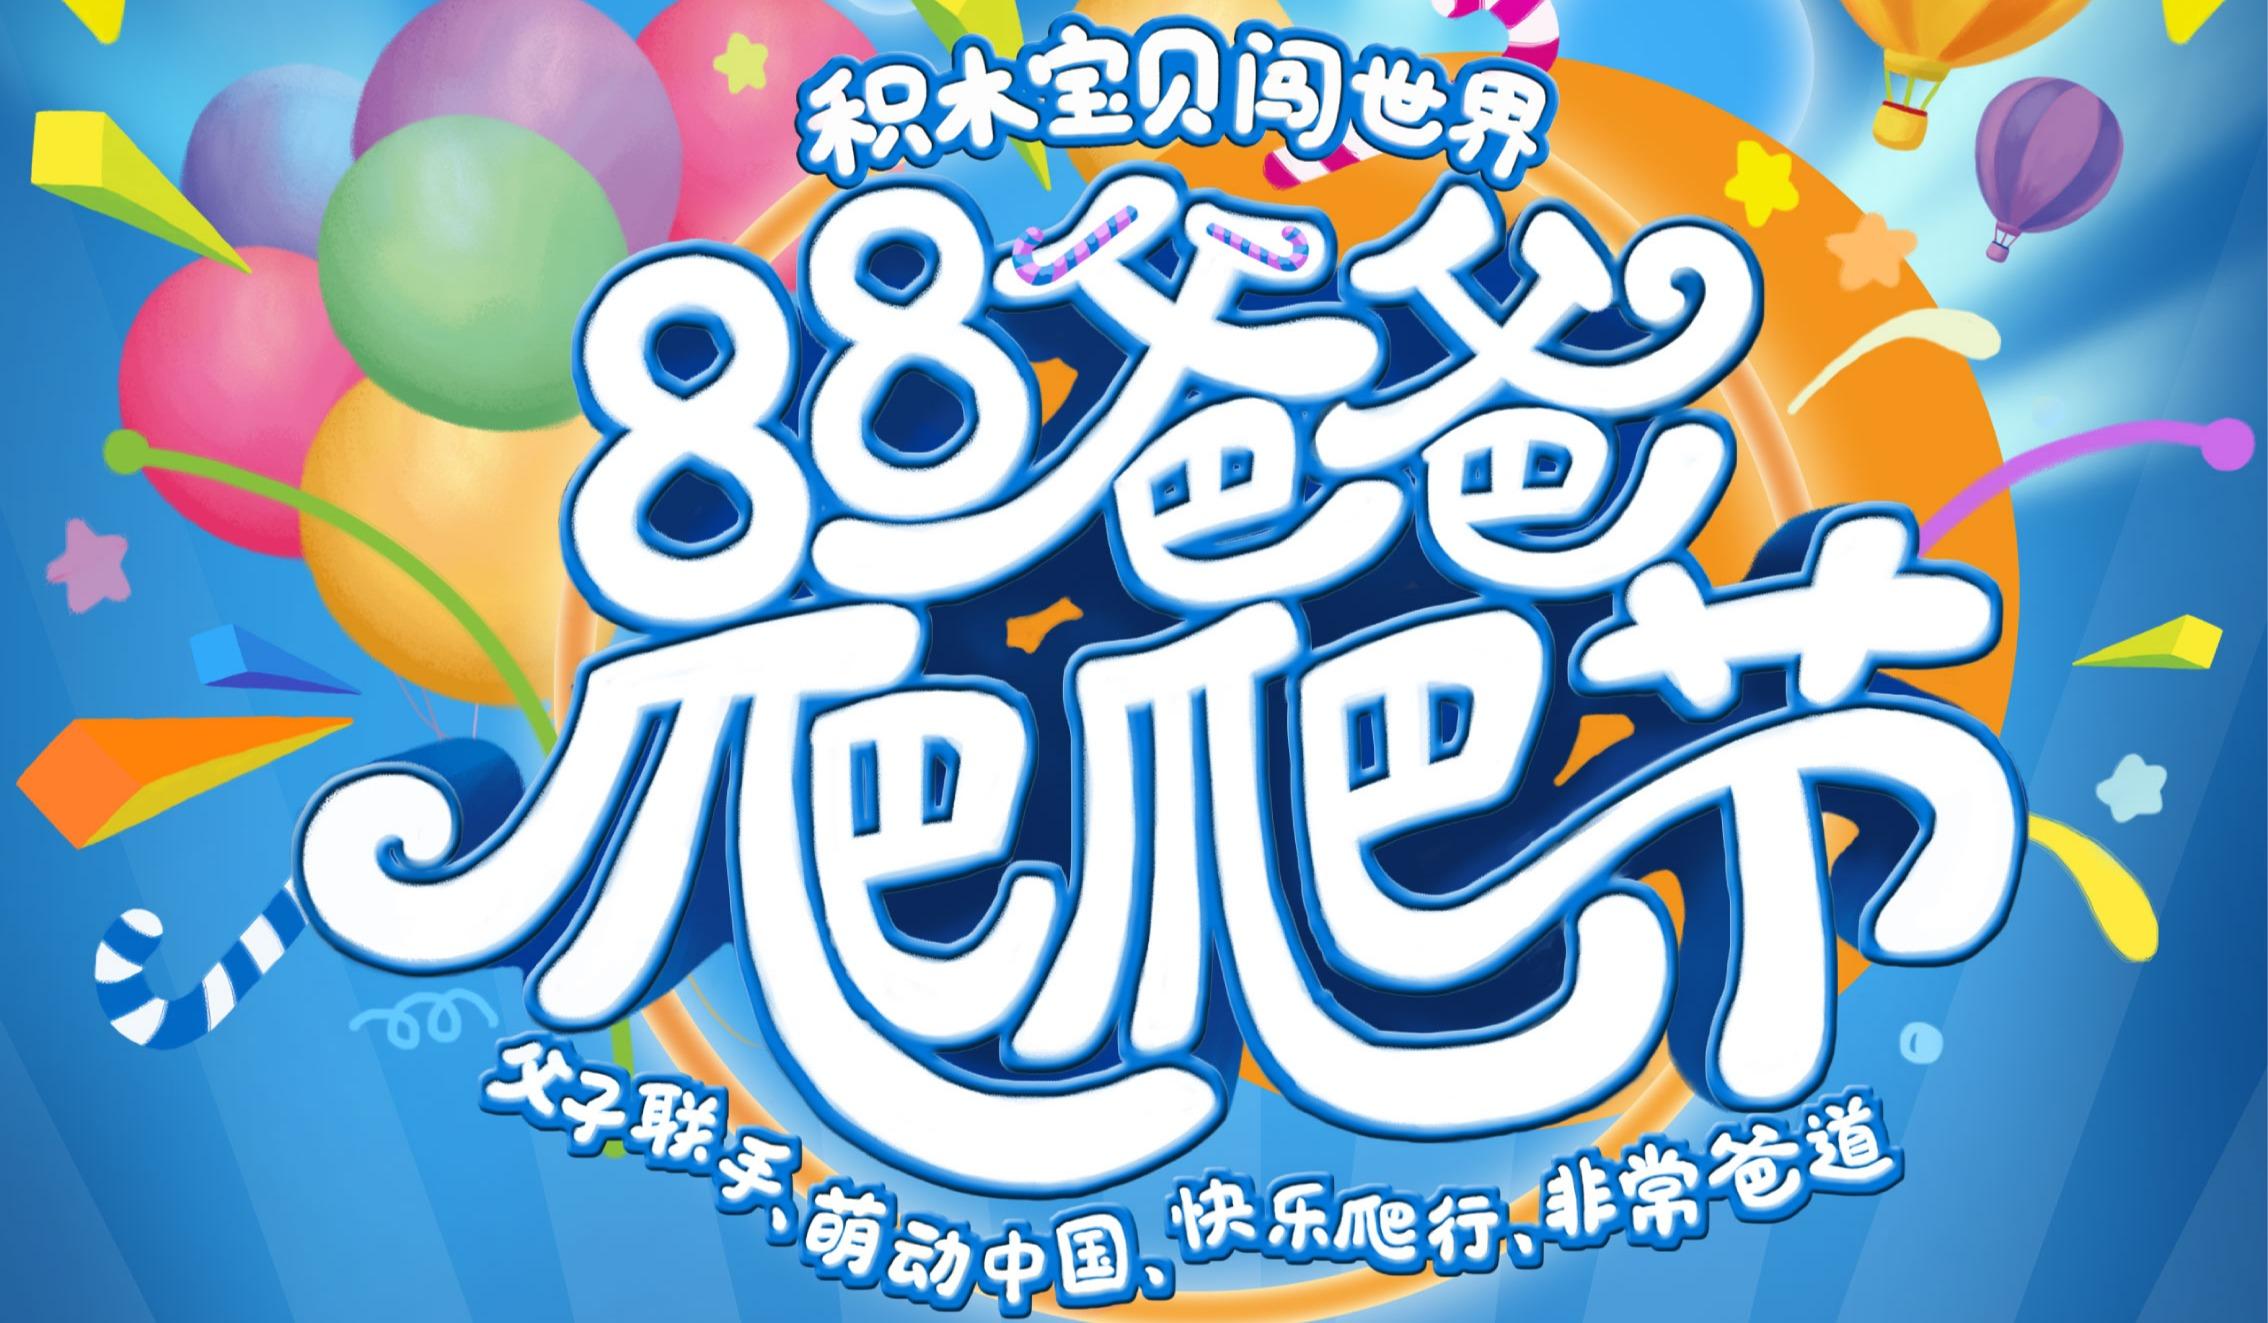 【88爸爸爬爬节】积木宝贝88爸爸爬爬节火热报名中!